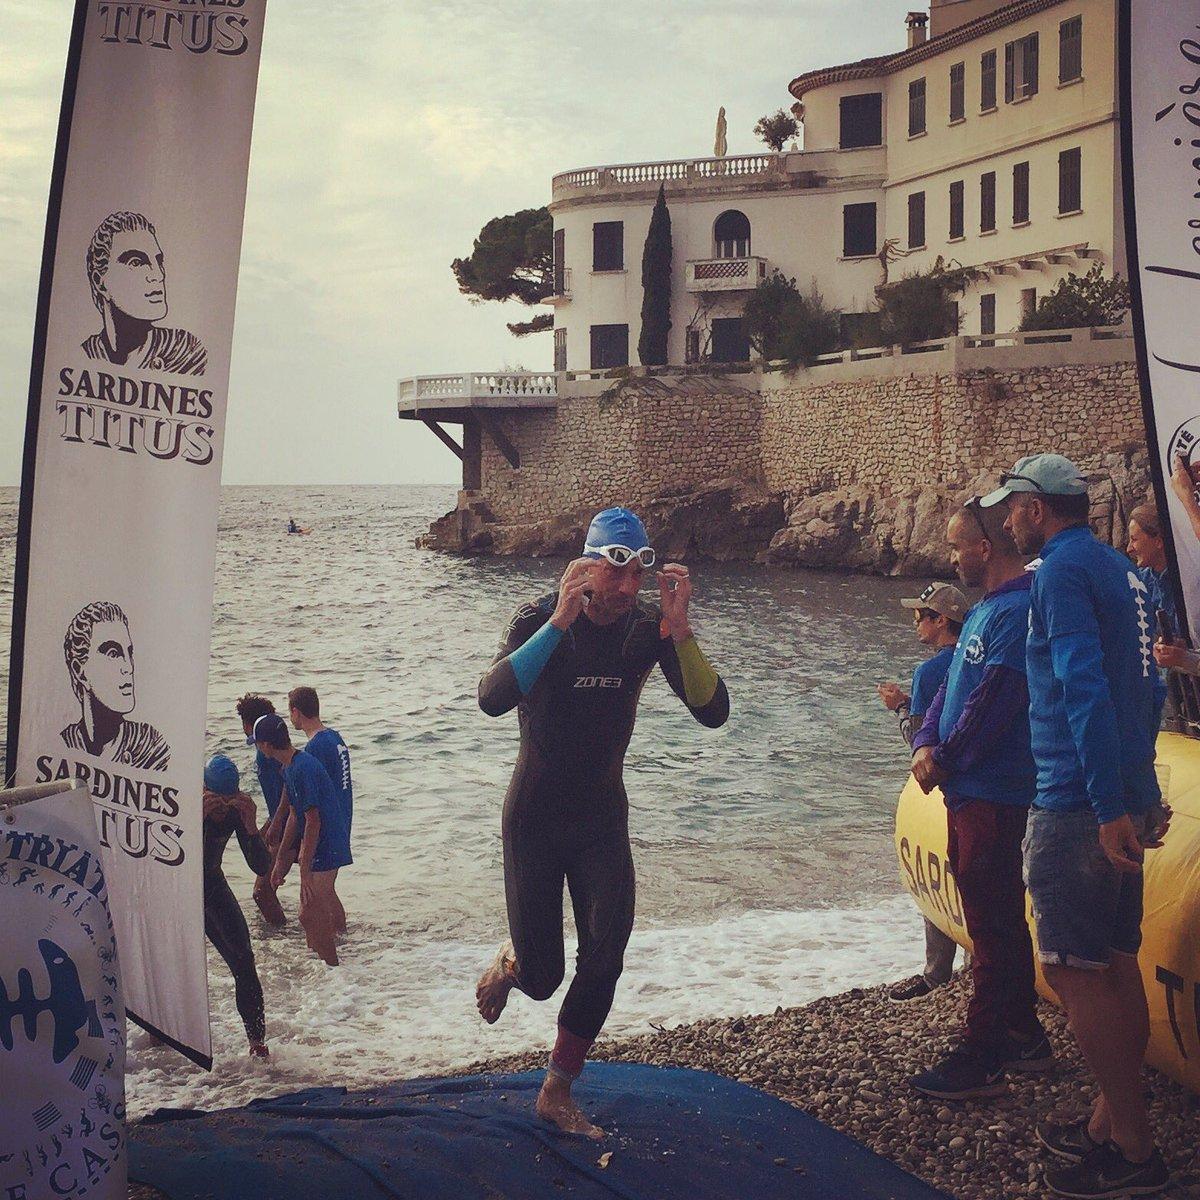 Ouf la #natation  c'est finit Allez plus que le #vélo et le #running C'était dimanche dernier lors du #triathlon M des @sardines_triathlon  à #Cassis #sport #SKINS #Hoka #swim #swimbikerun #Ironman #XTriathlon #Marseille #3athlonlife #aquathlon #Zone3 #IRaceZone3  - FestivalFocus